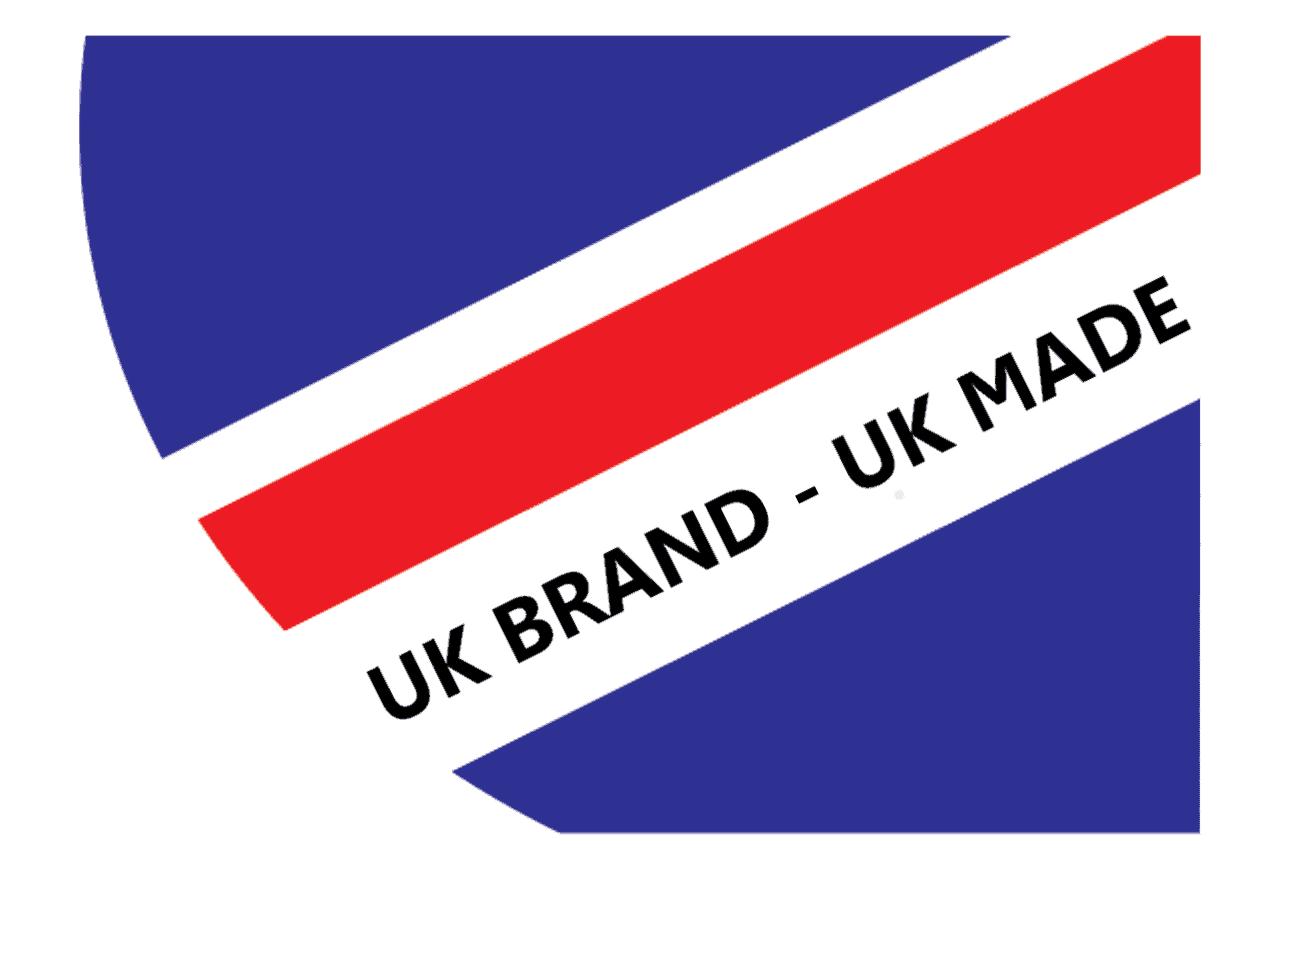 UK Brand UK made